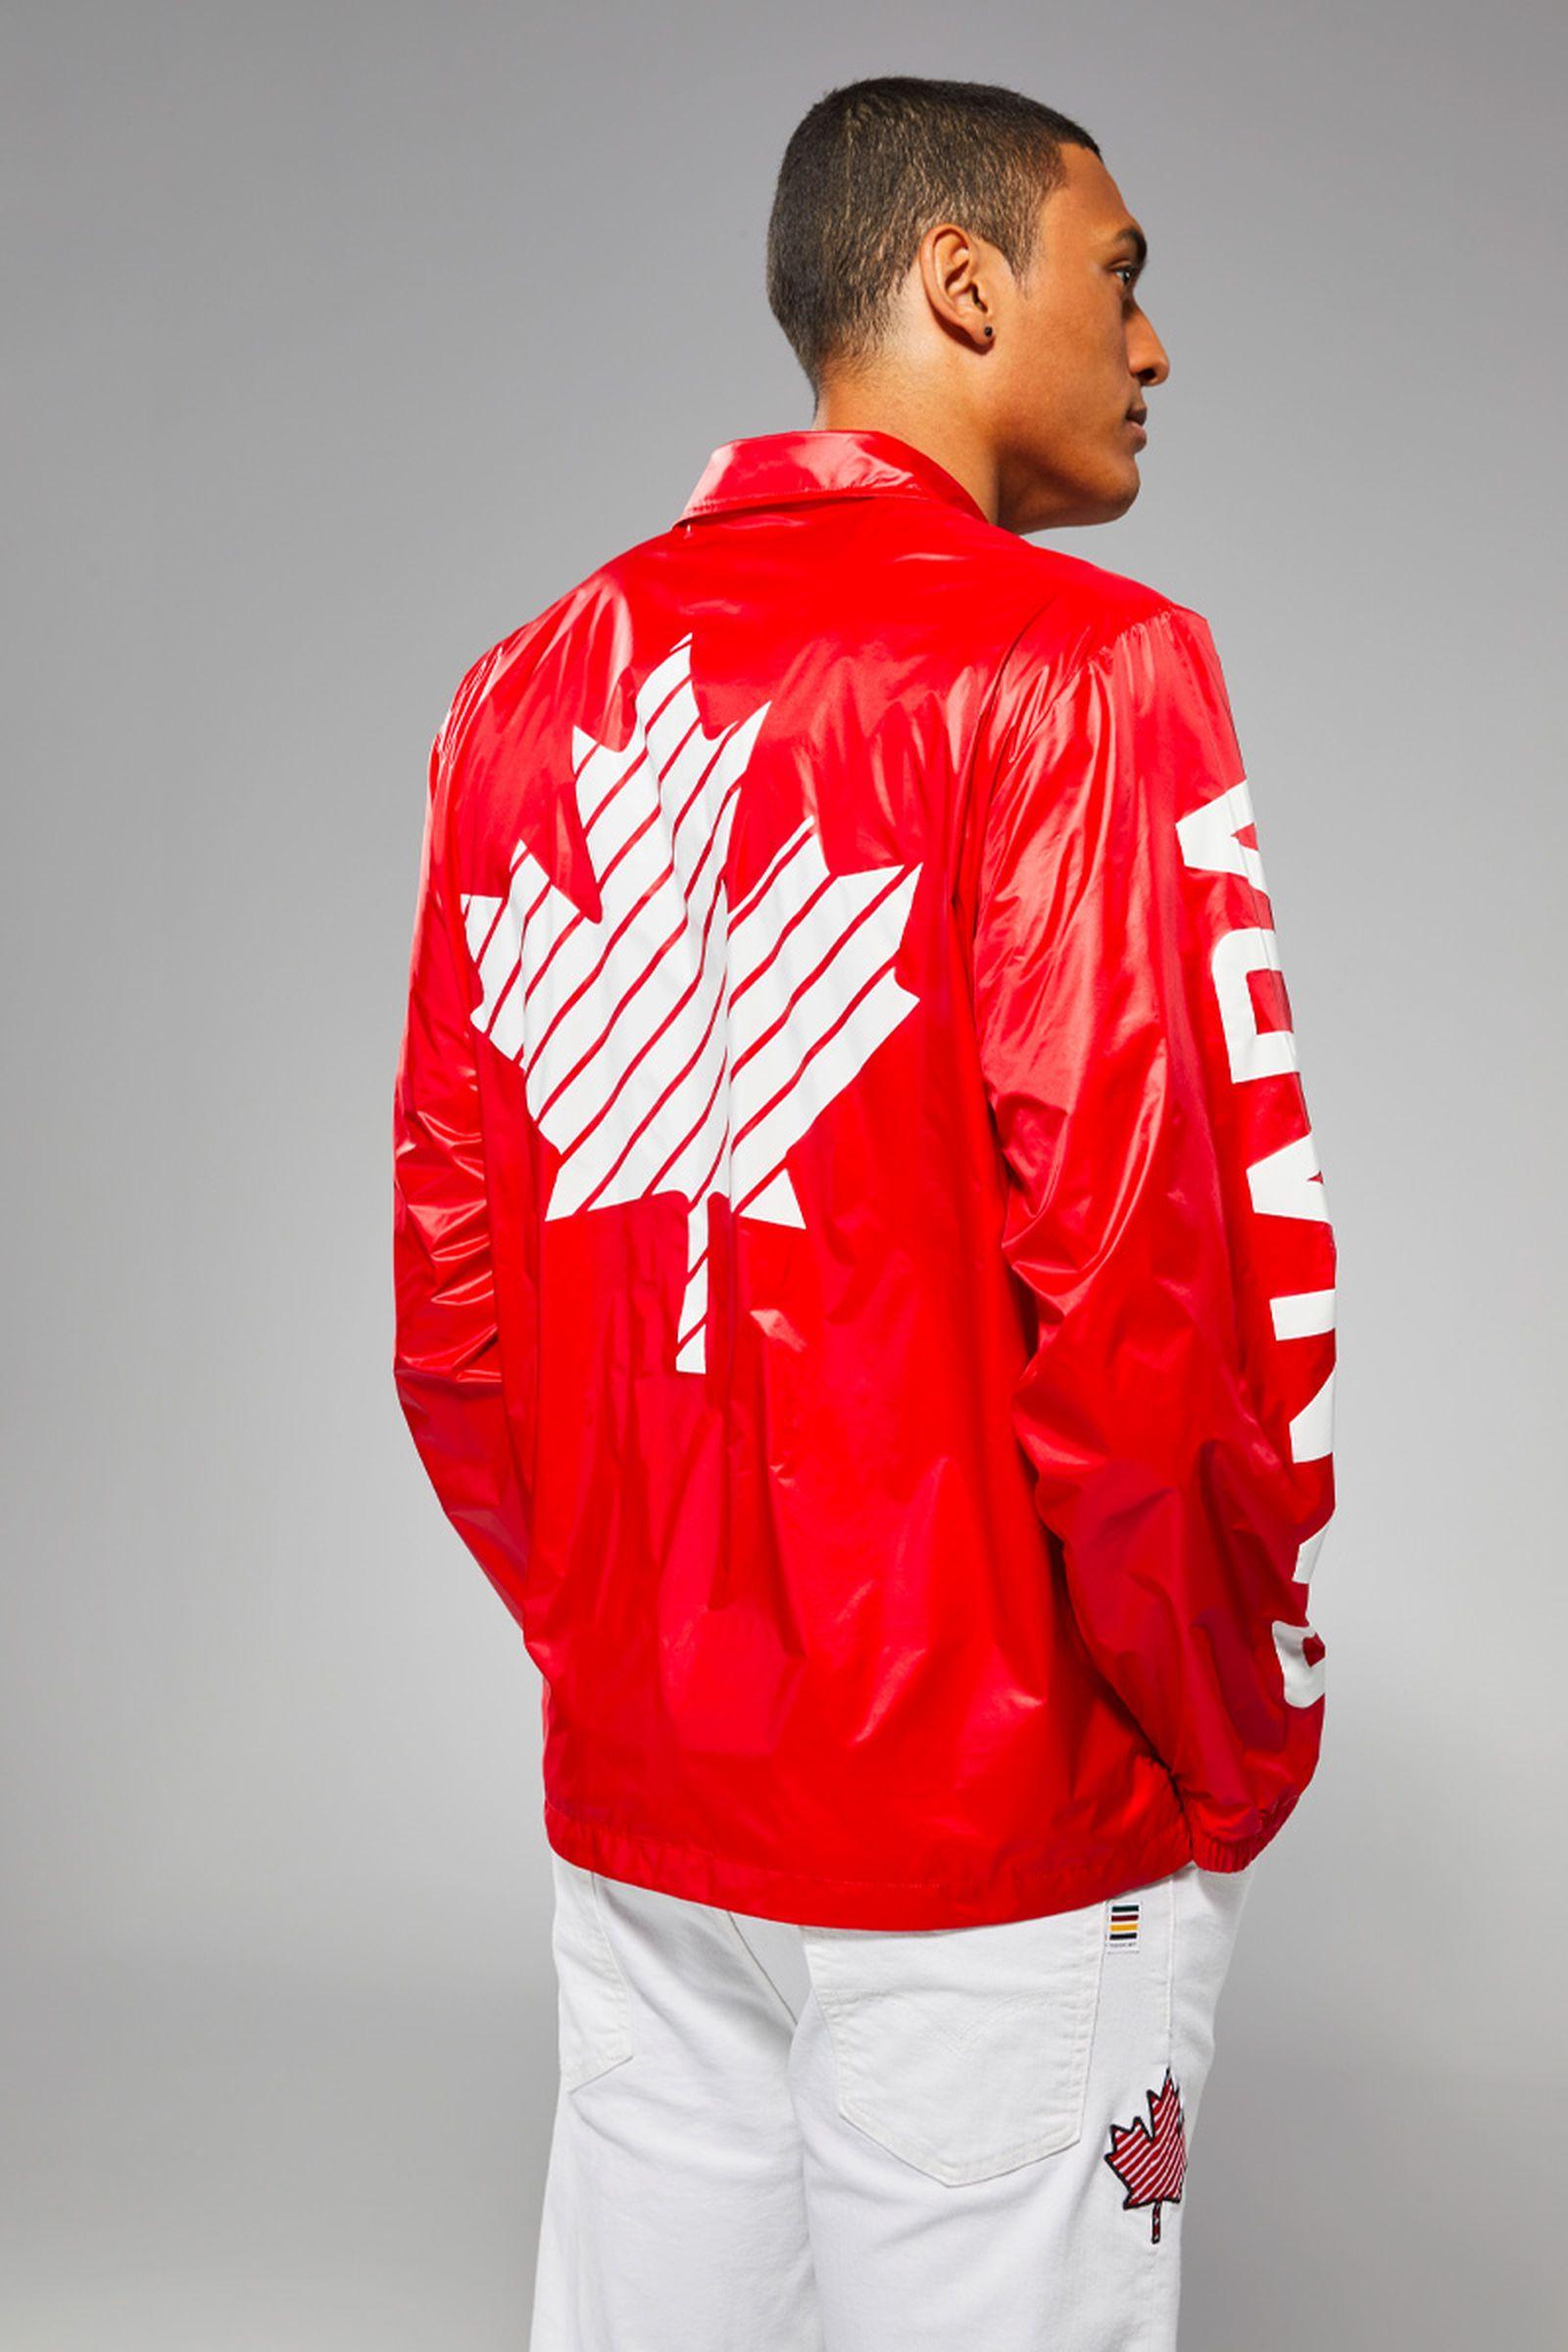 canada-olympic-uniform-denim-jacket-02